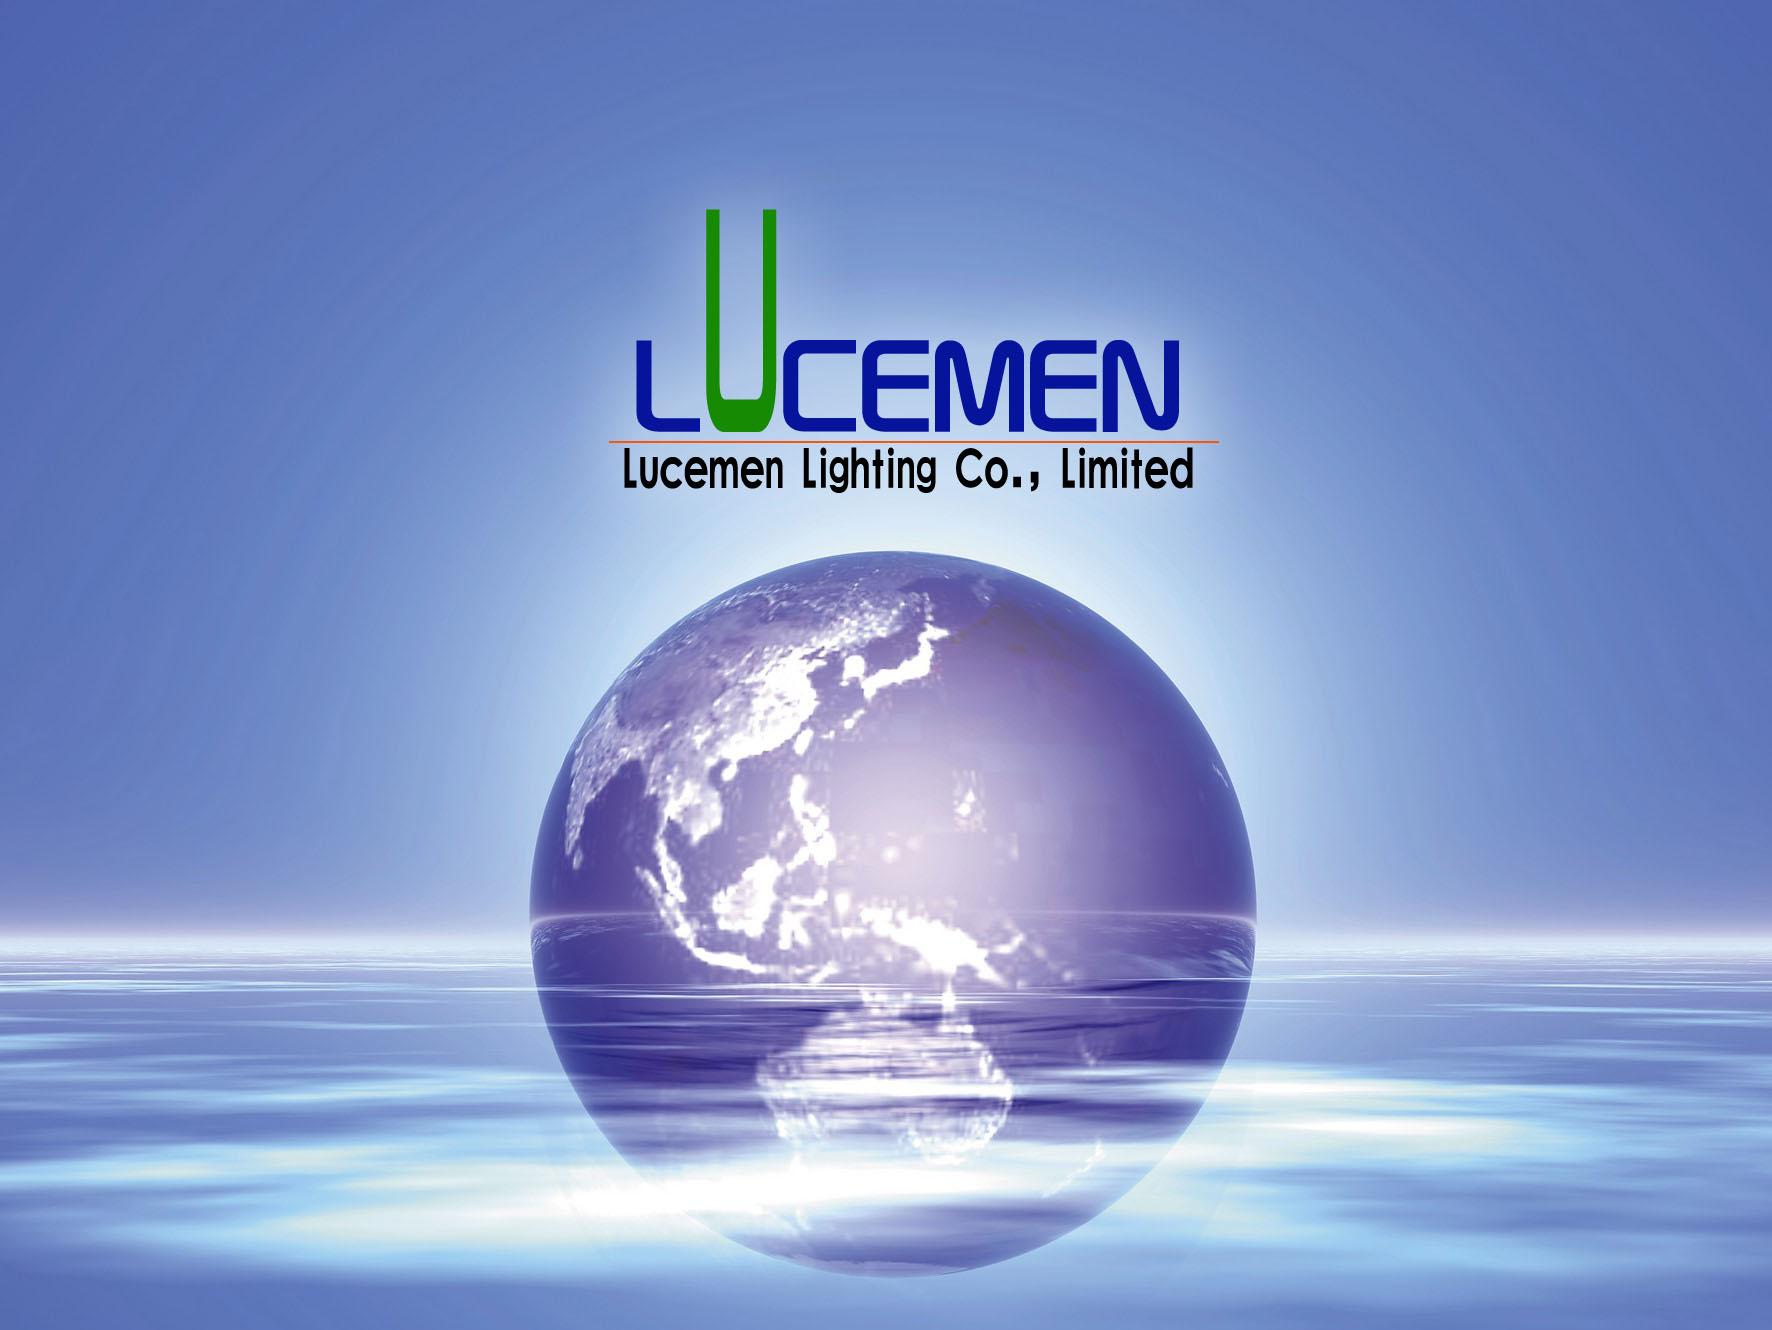 一、任务: 1、公司logo 2、名片设计 3、文头纸设计(公文信纸) 二、 公司简介: LUCEMEN是一家从事绿色照明产品的生产、研发与销售厂家。 公司全名为:Lucemen Lighting Co., Limited 三.设计要求: 设计作品整体应体现1、高科技,节能环保的公司理念2、诚实可信赖的公司形 象 3.